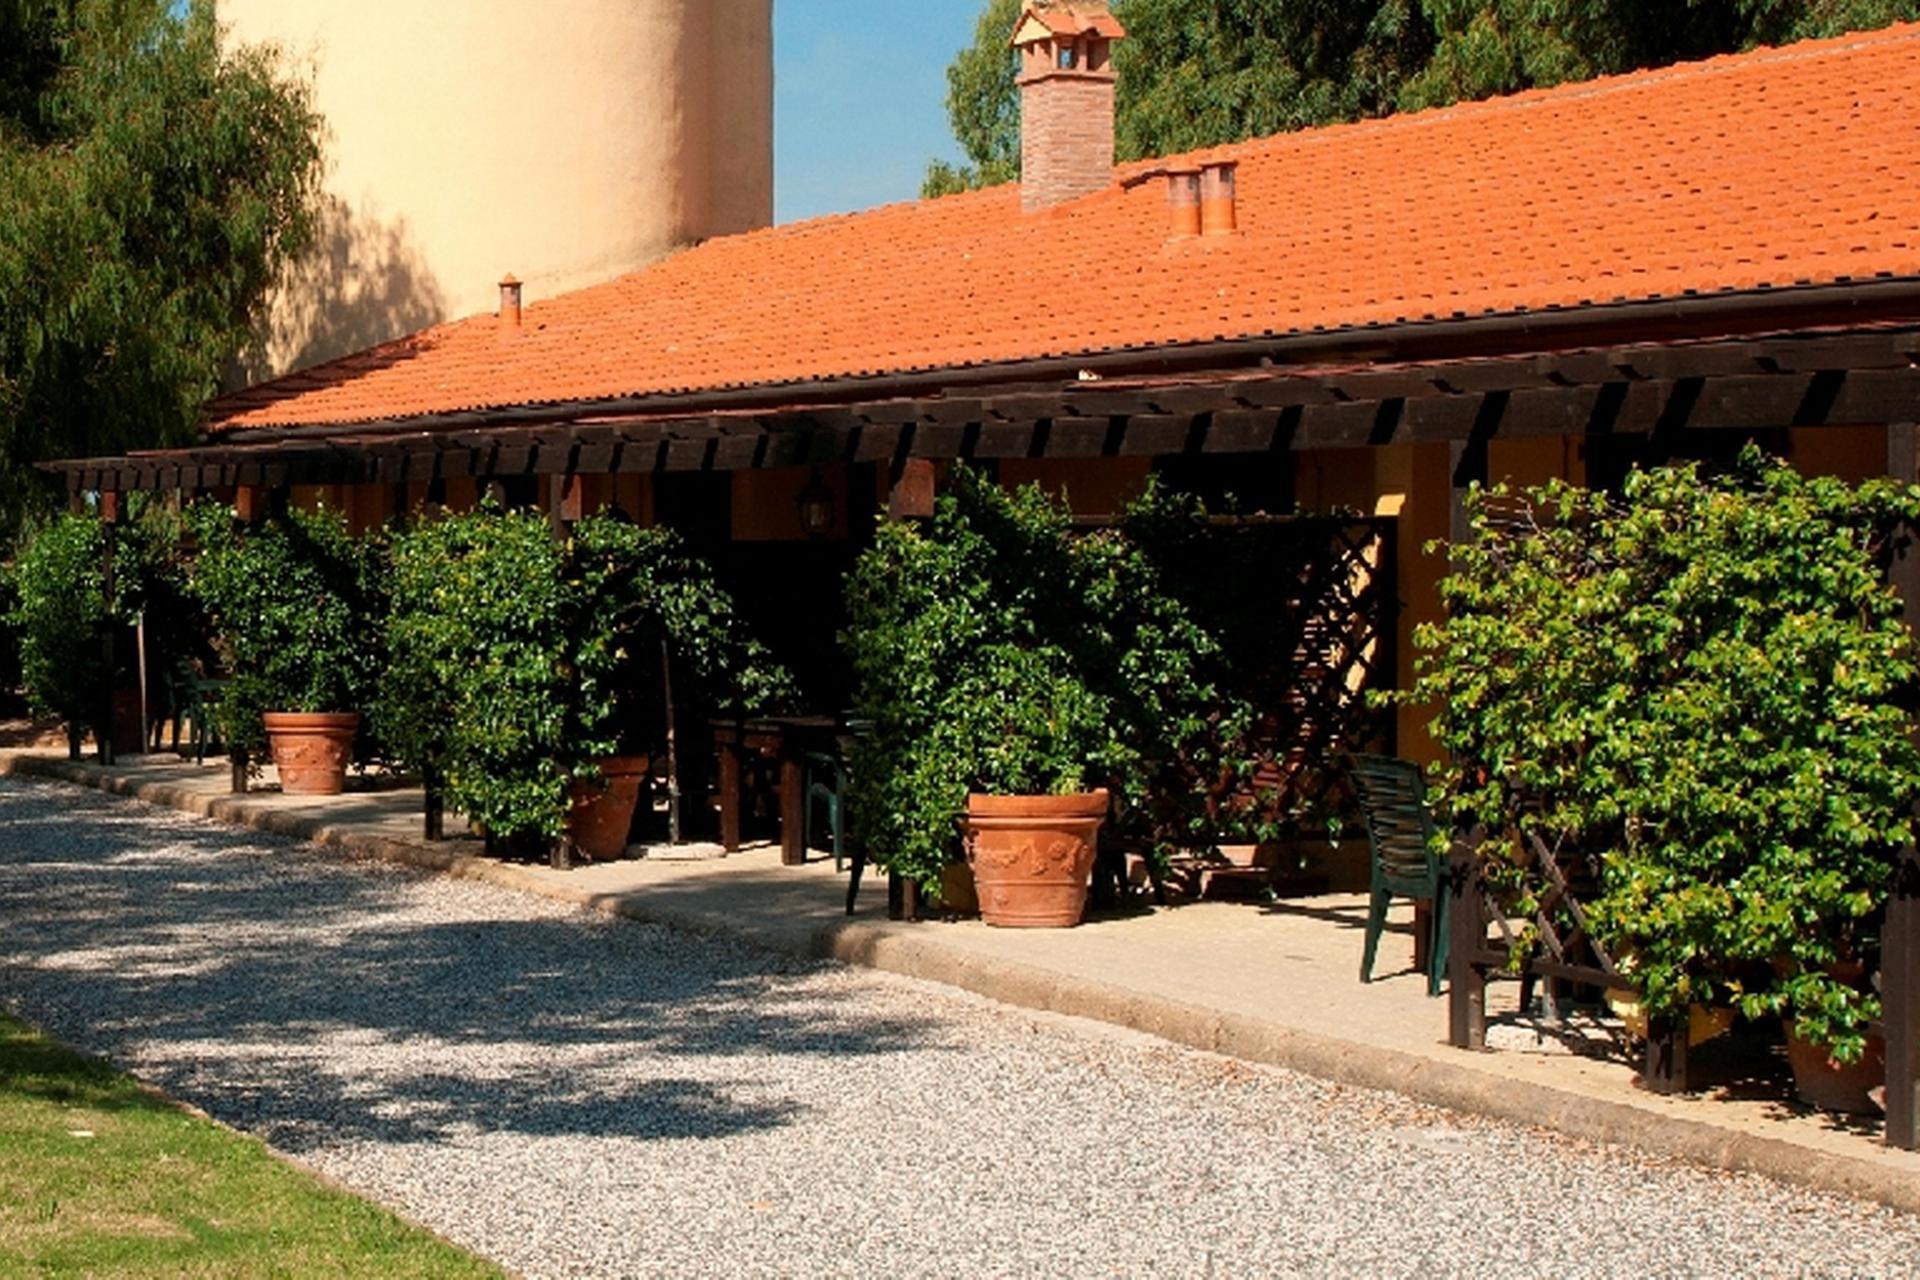 Agriturismo Toscane Kindvriendelijke agriturismo in Toscane nabij het strand